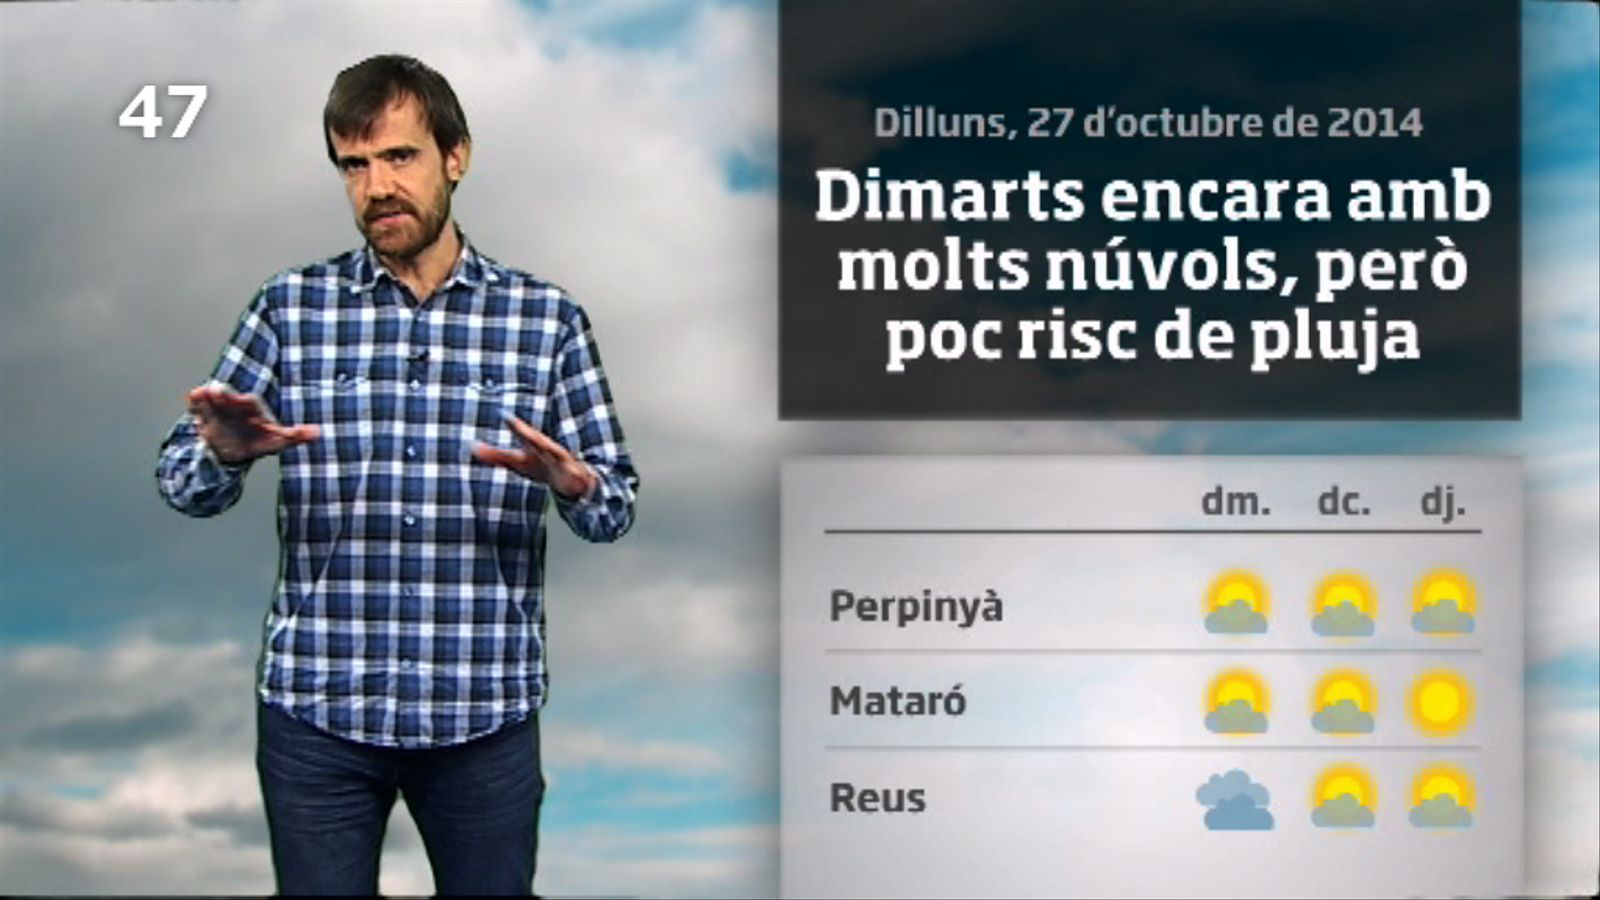 La méteo en 1 minut: dimarts amb núvols a l'espera encara de migdies càlids (28/10/14)